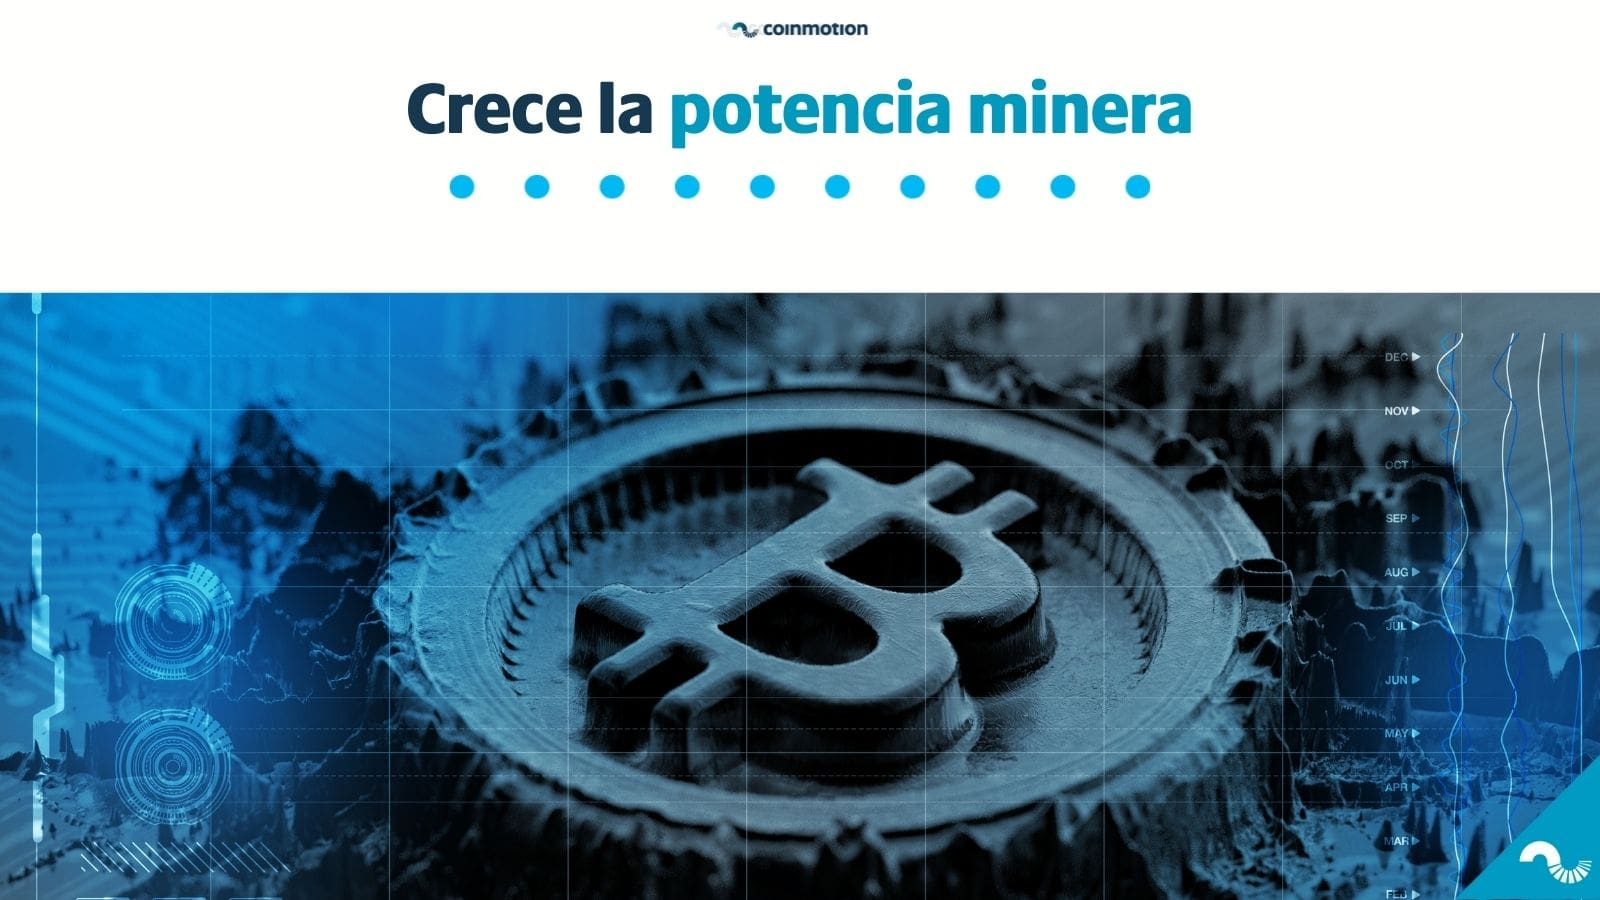 Minería bitcoin aumenta potencia hash rate superior a mayo de 2020